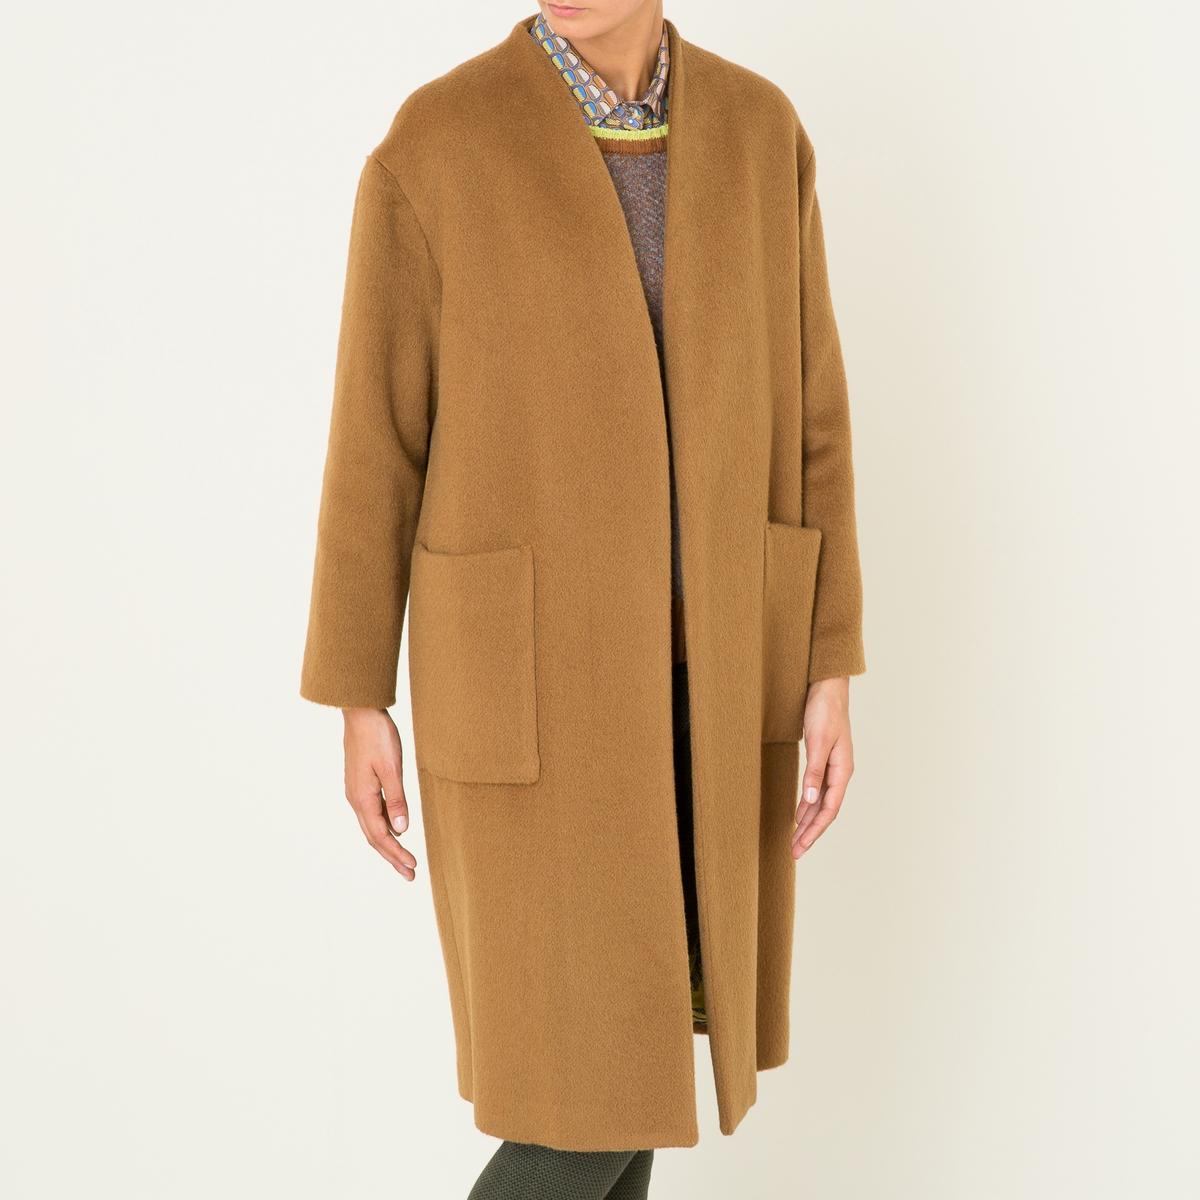 Пальто длинноеДлинное пальто NIU - без застежки, без воротника, из шерстяного драпа. Без застежки, без воротника, V-образный вырез. Длинные подворачивающиеся рукава с подкладкой контрастного цвета. 2 больших накладных кармана спереди. Подкладка со сплошным рисунком.Состав и описание Материал : 50% мохера, 32% необработанной шерсти, 18% полиамидаМарка : NIU<br><br>Цвет: темно-бежевый<br>Размер: L.M